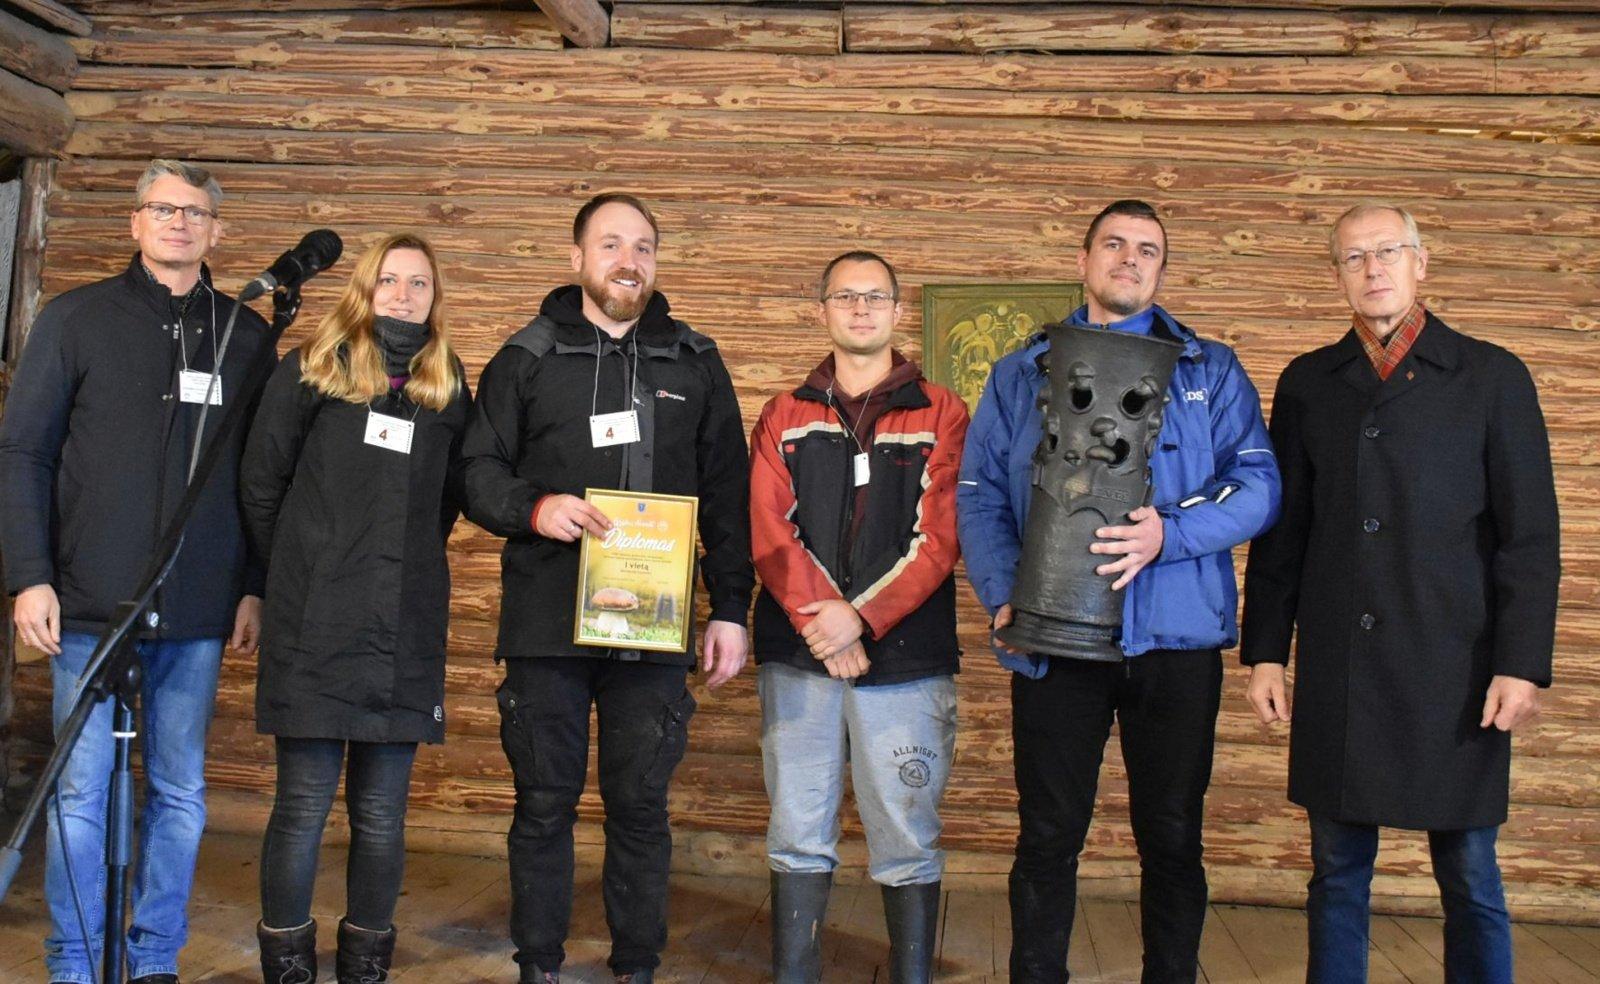 Per grybavimo čempionatą Varėnos rajone surinkti 102 kg grybų